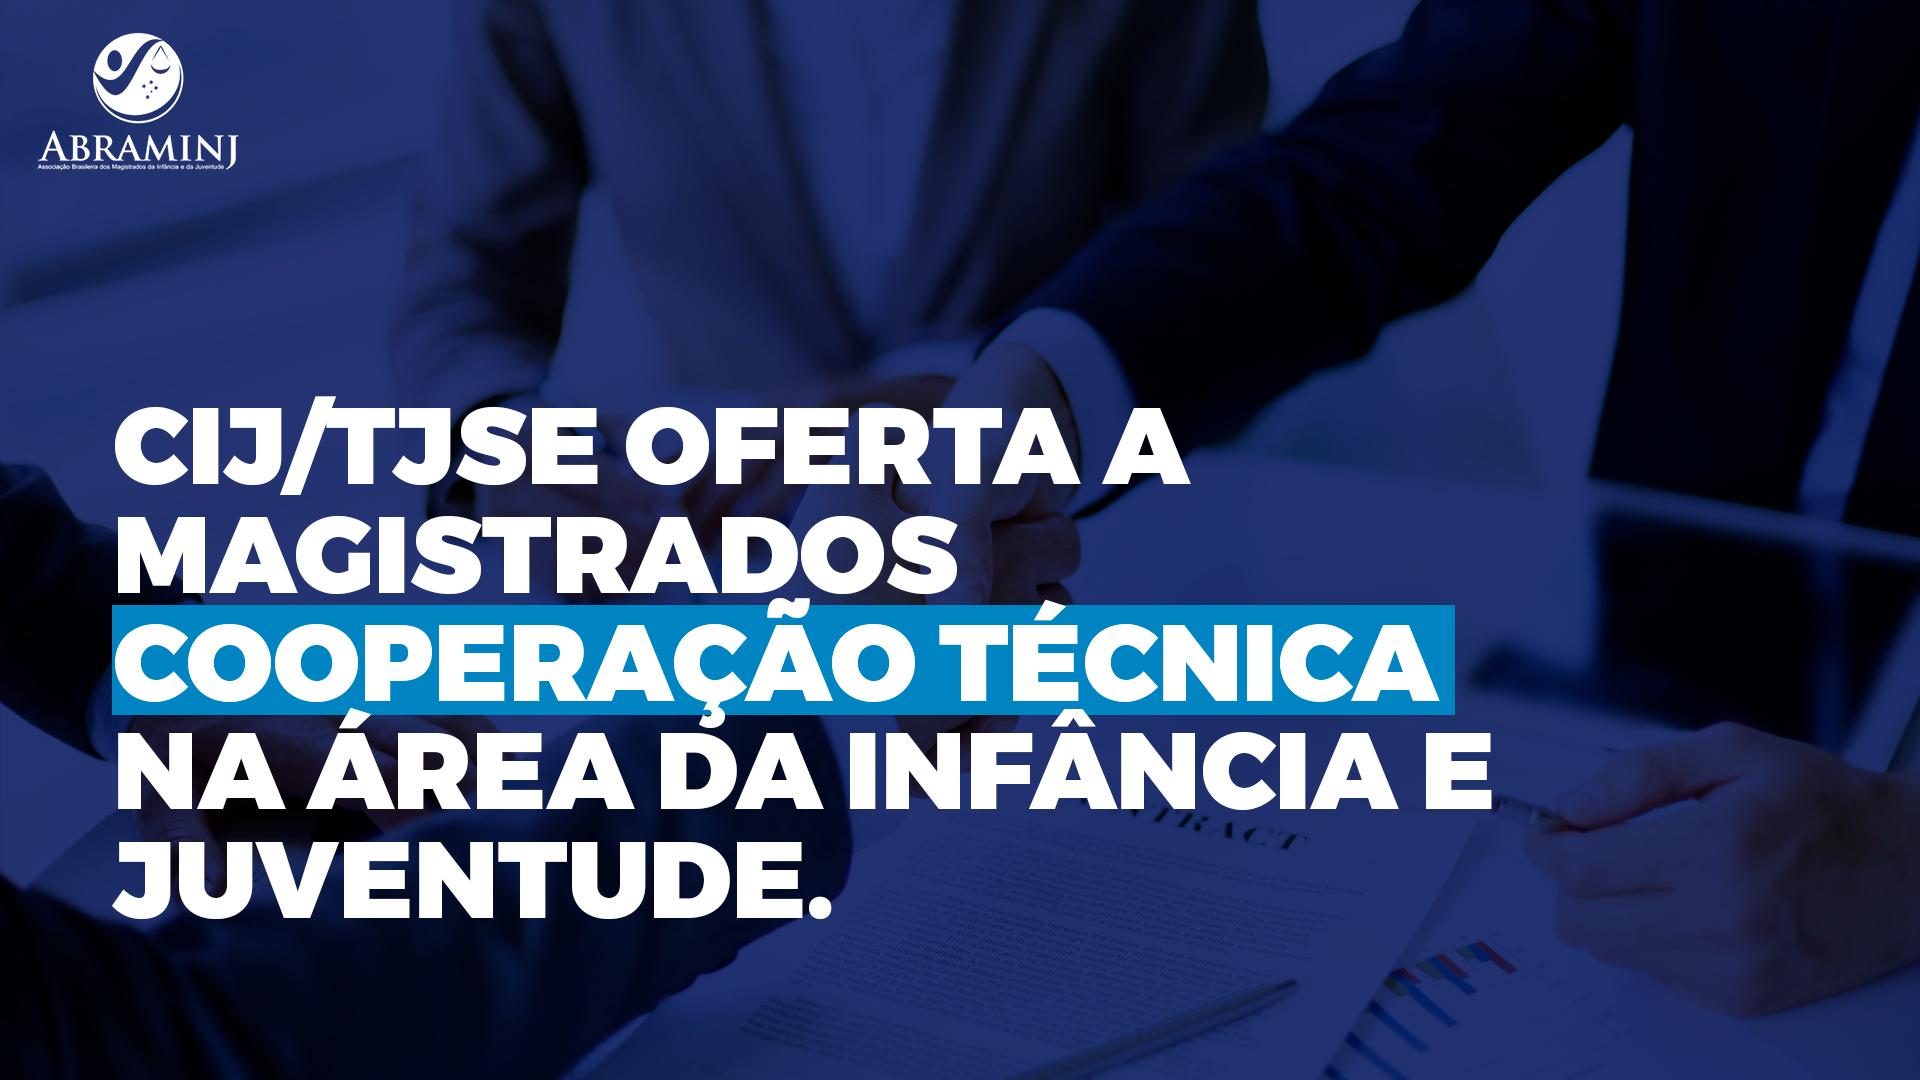 CIJ/TJSE oferta a magistrados cooperação técnica na área da infância e juventude